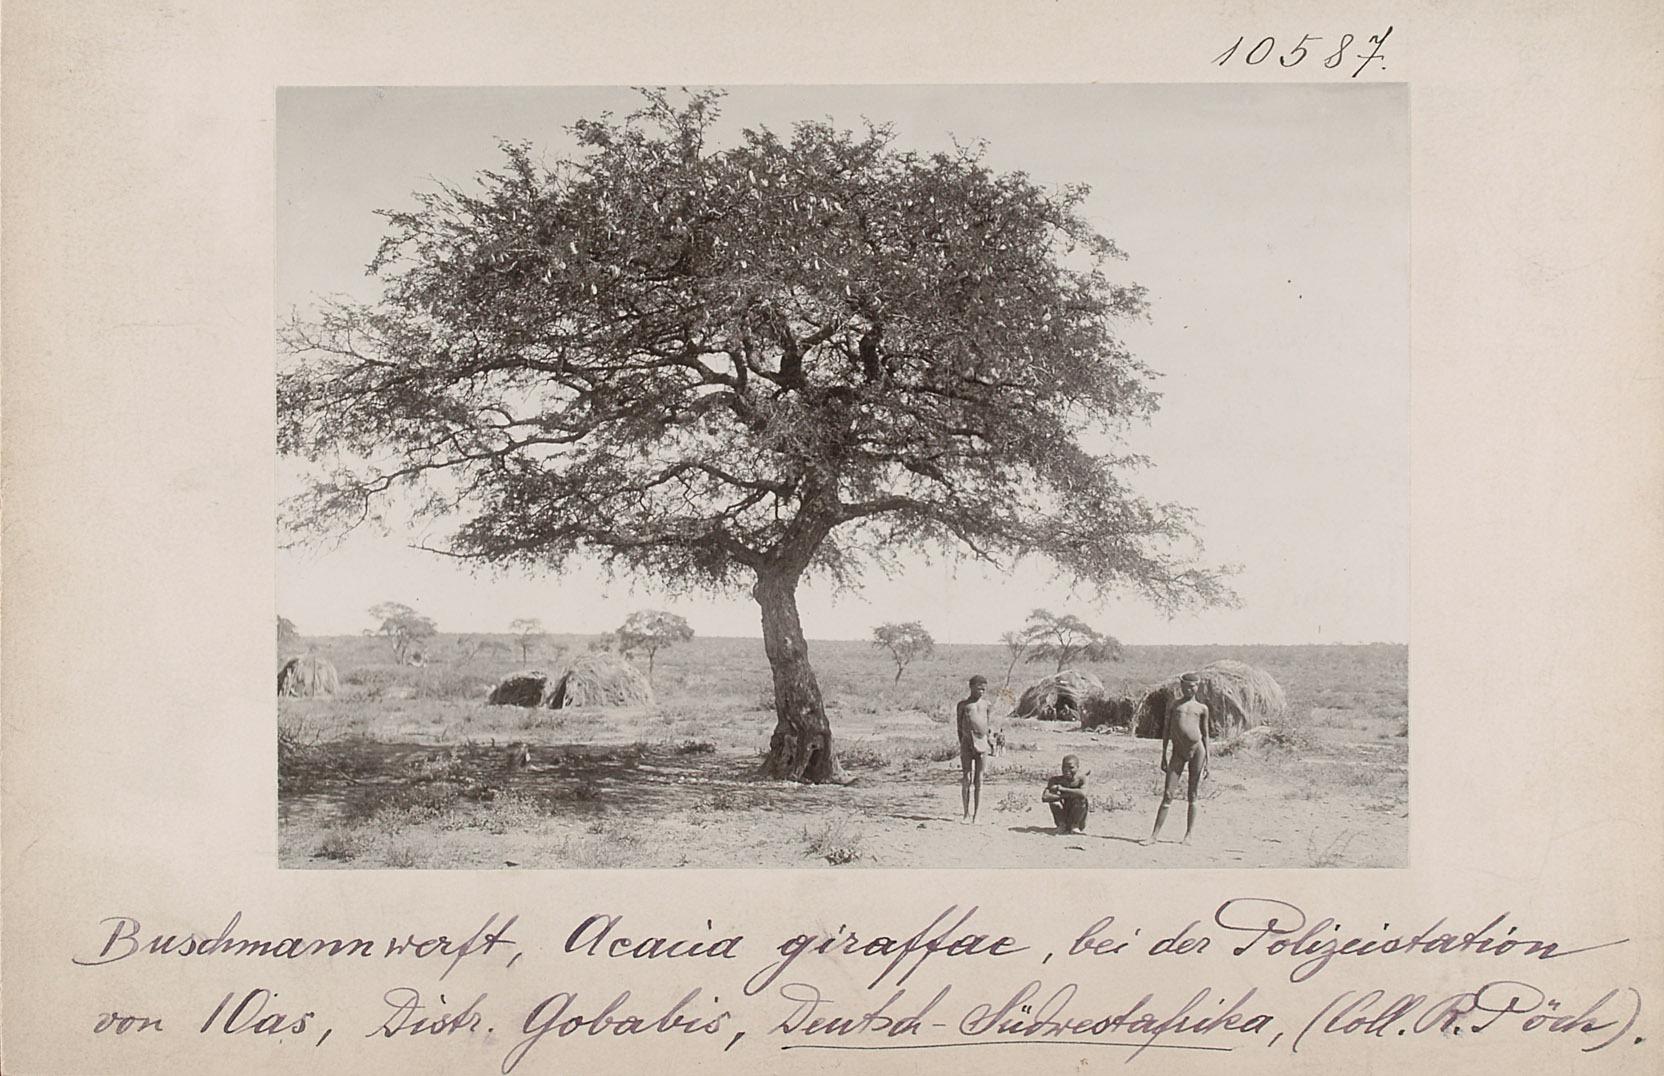 Sanwerft, Aeacia giraffae, bei der Polizeistation von I Oas, Distr. Gobabis, Deutsch-Südwestafrika  von Rudolf Pöch